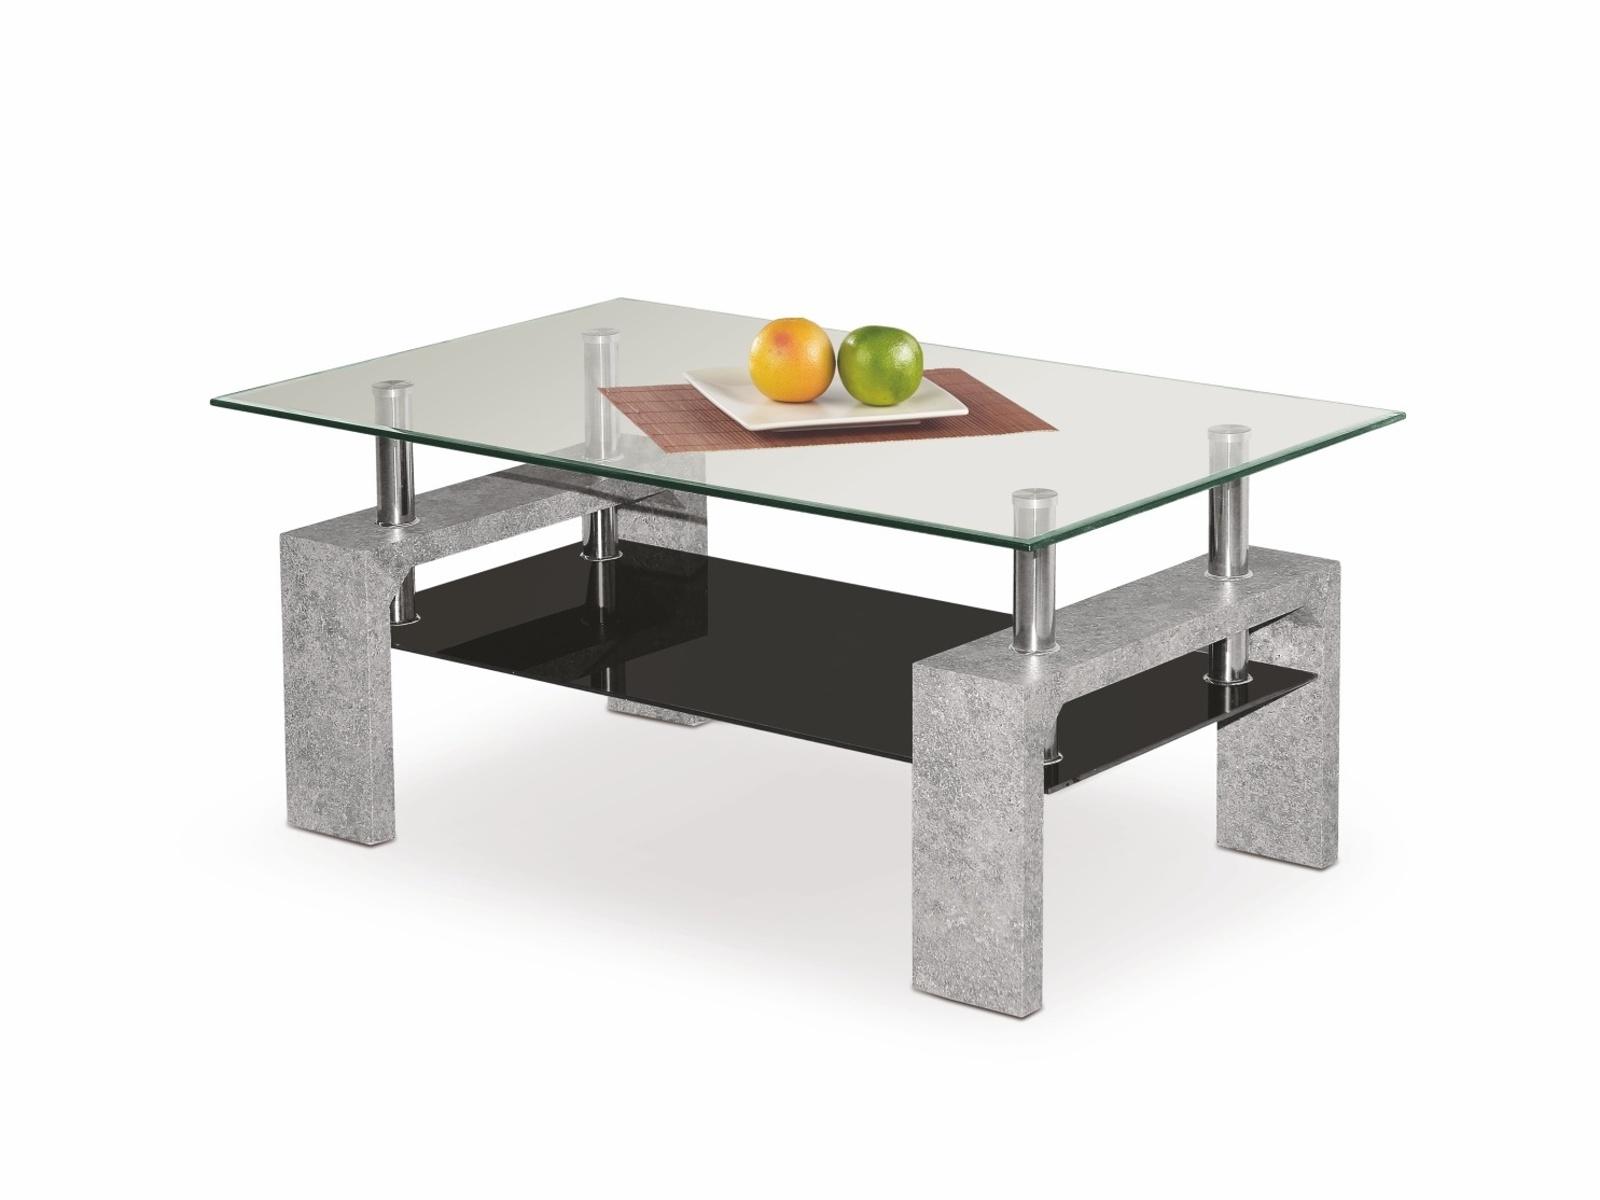 Konferenční stolek DIANA INTRO, beton